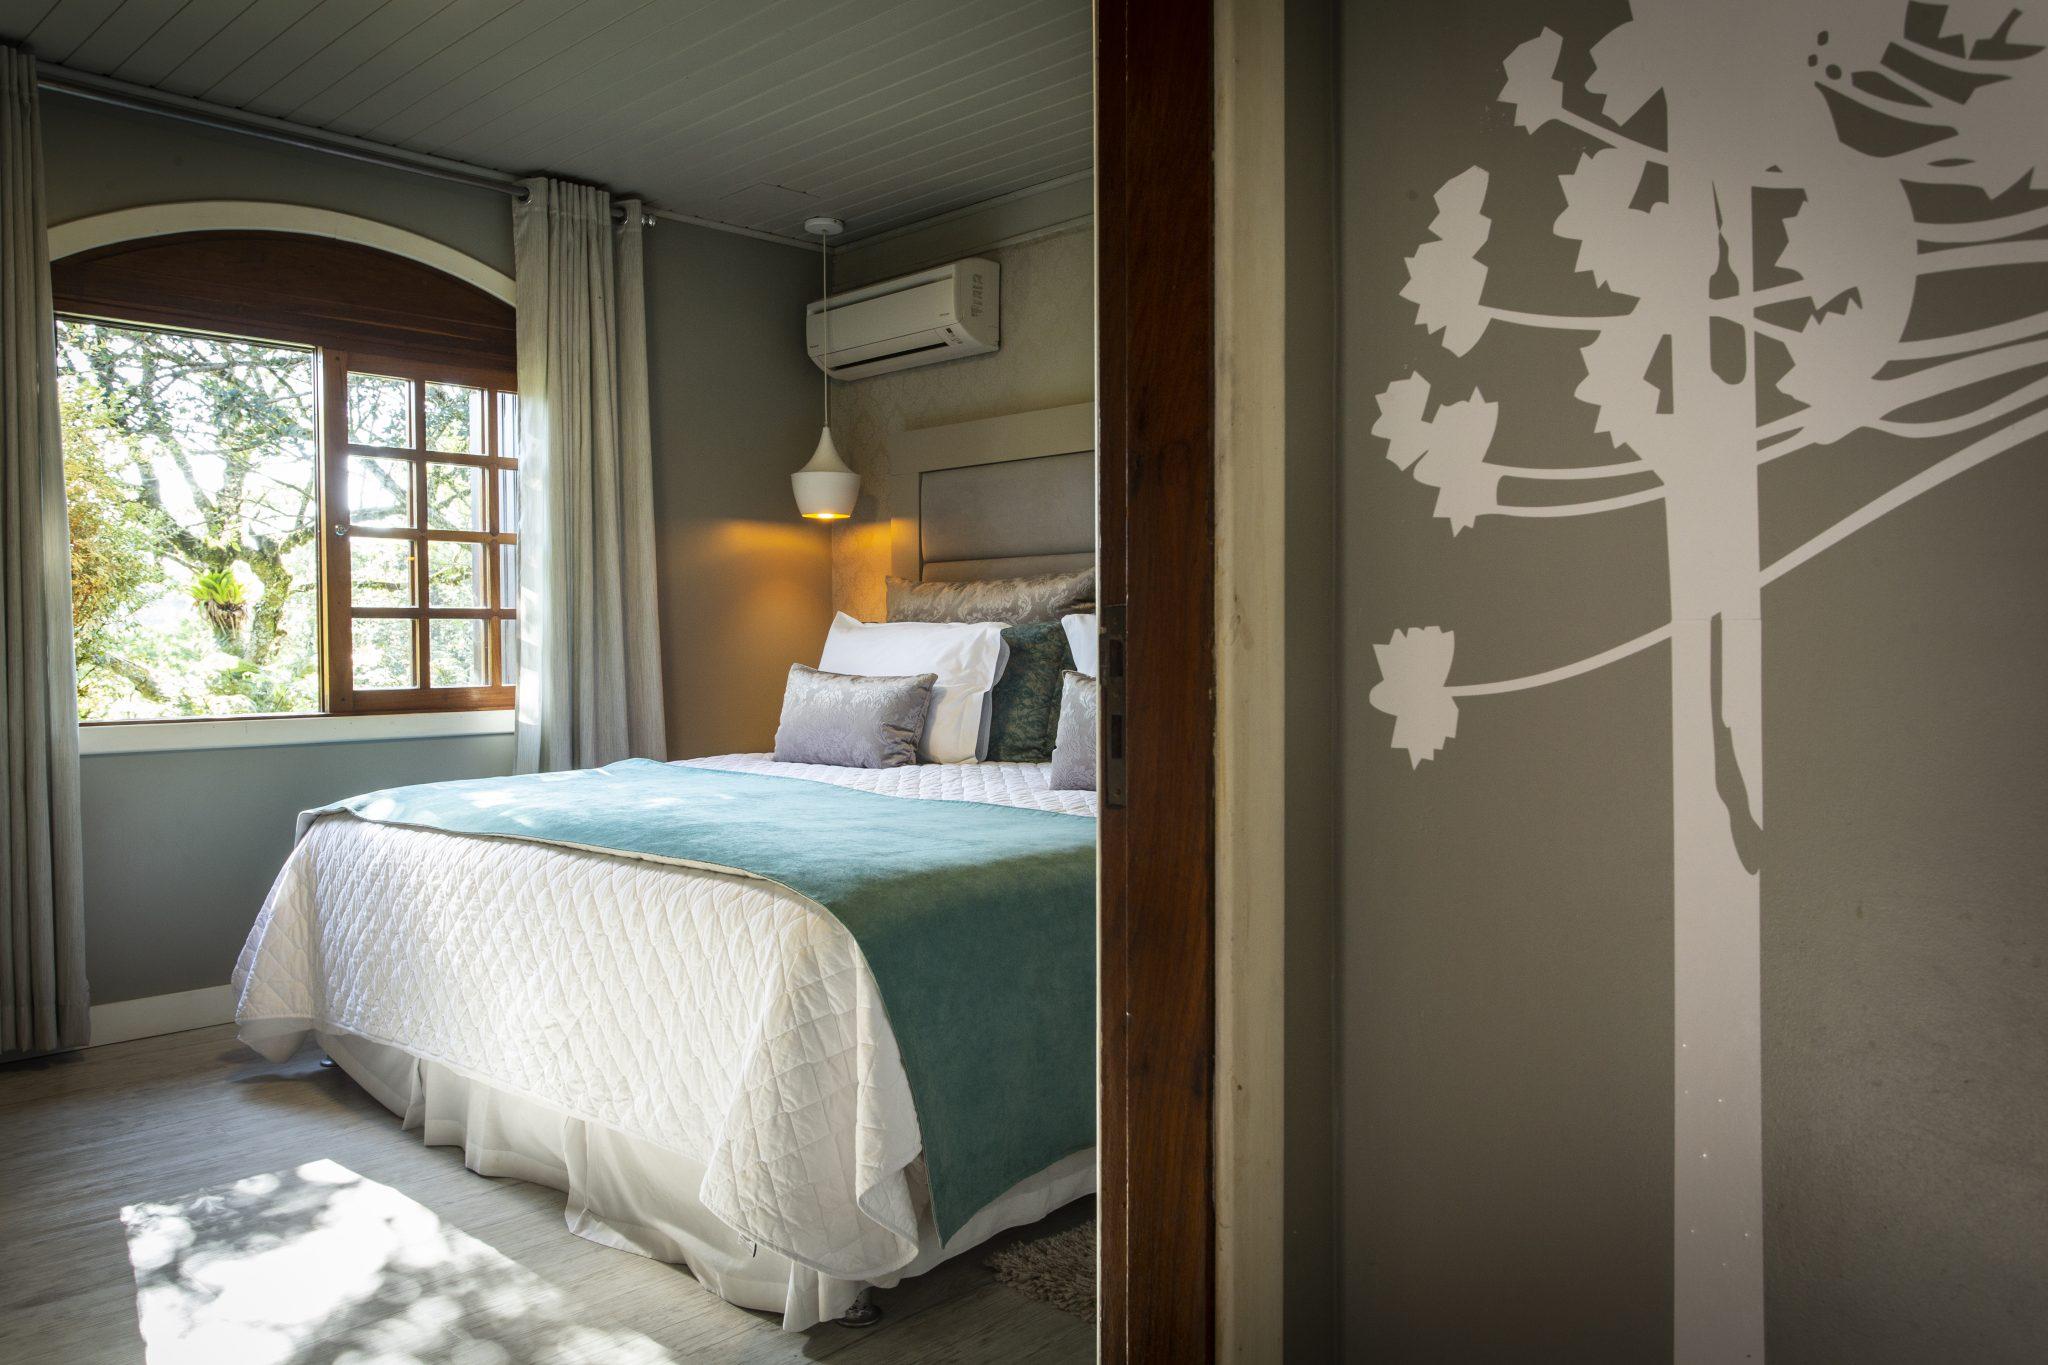 Hotel Sustentável # 1 de Gramado - Marcelo Curia